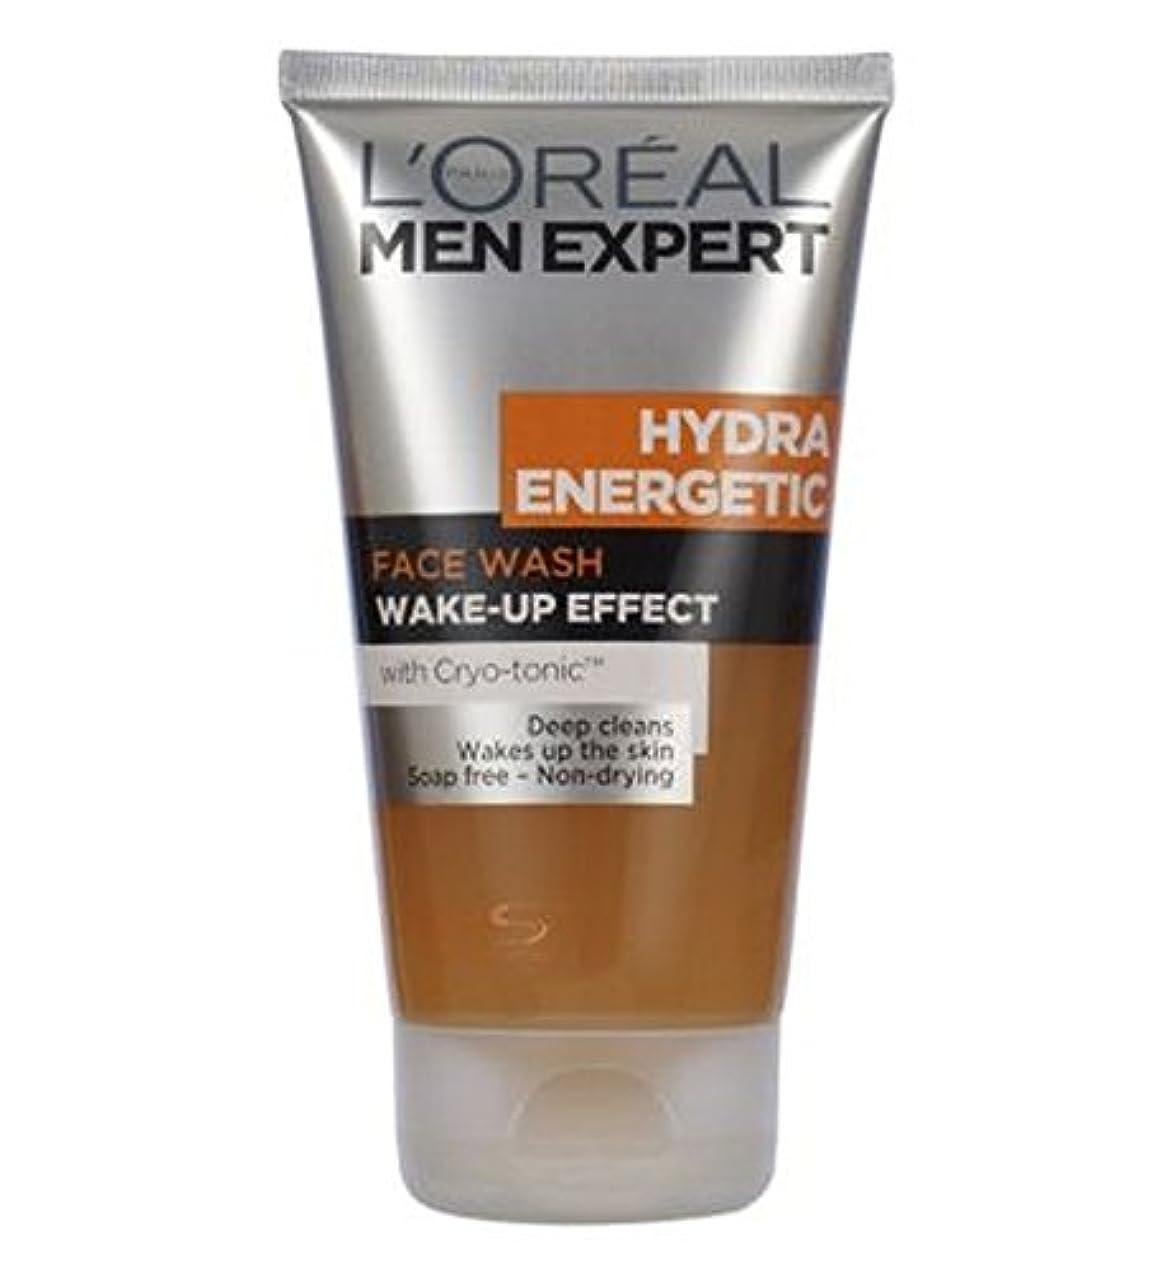 ペイン無駄なスケートL'Oreal Men Expert Hydra Energetic Face Wash 150ml - ロレアルの男性の専門家ヒドラエネルギッシュな洗顔150ミリリットル (L'Oreal) [並行輸入品]